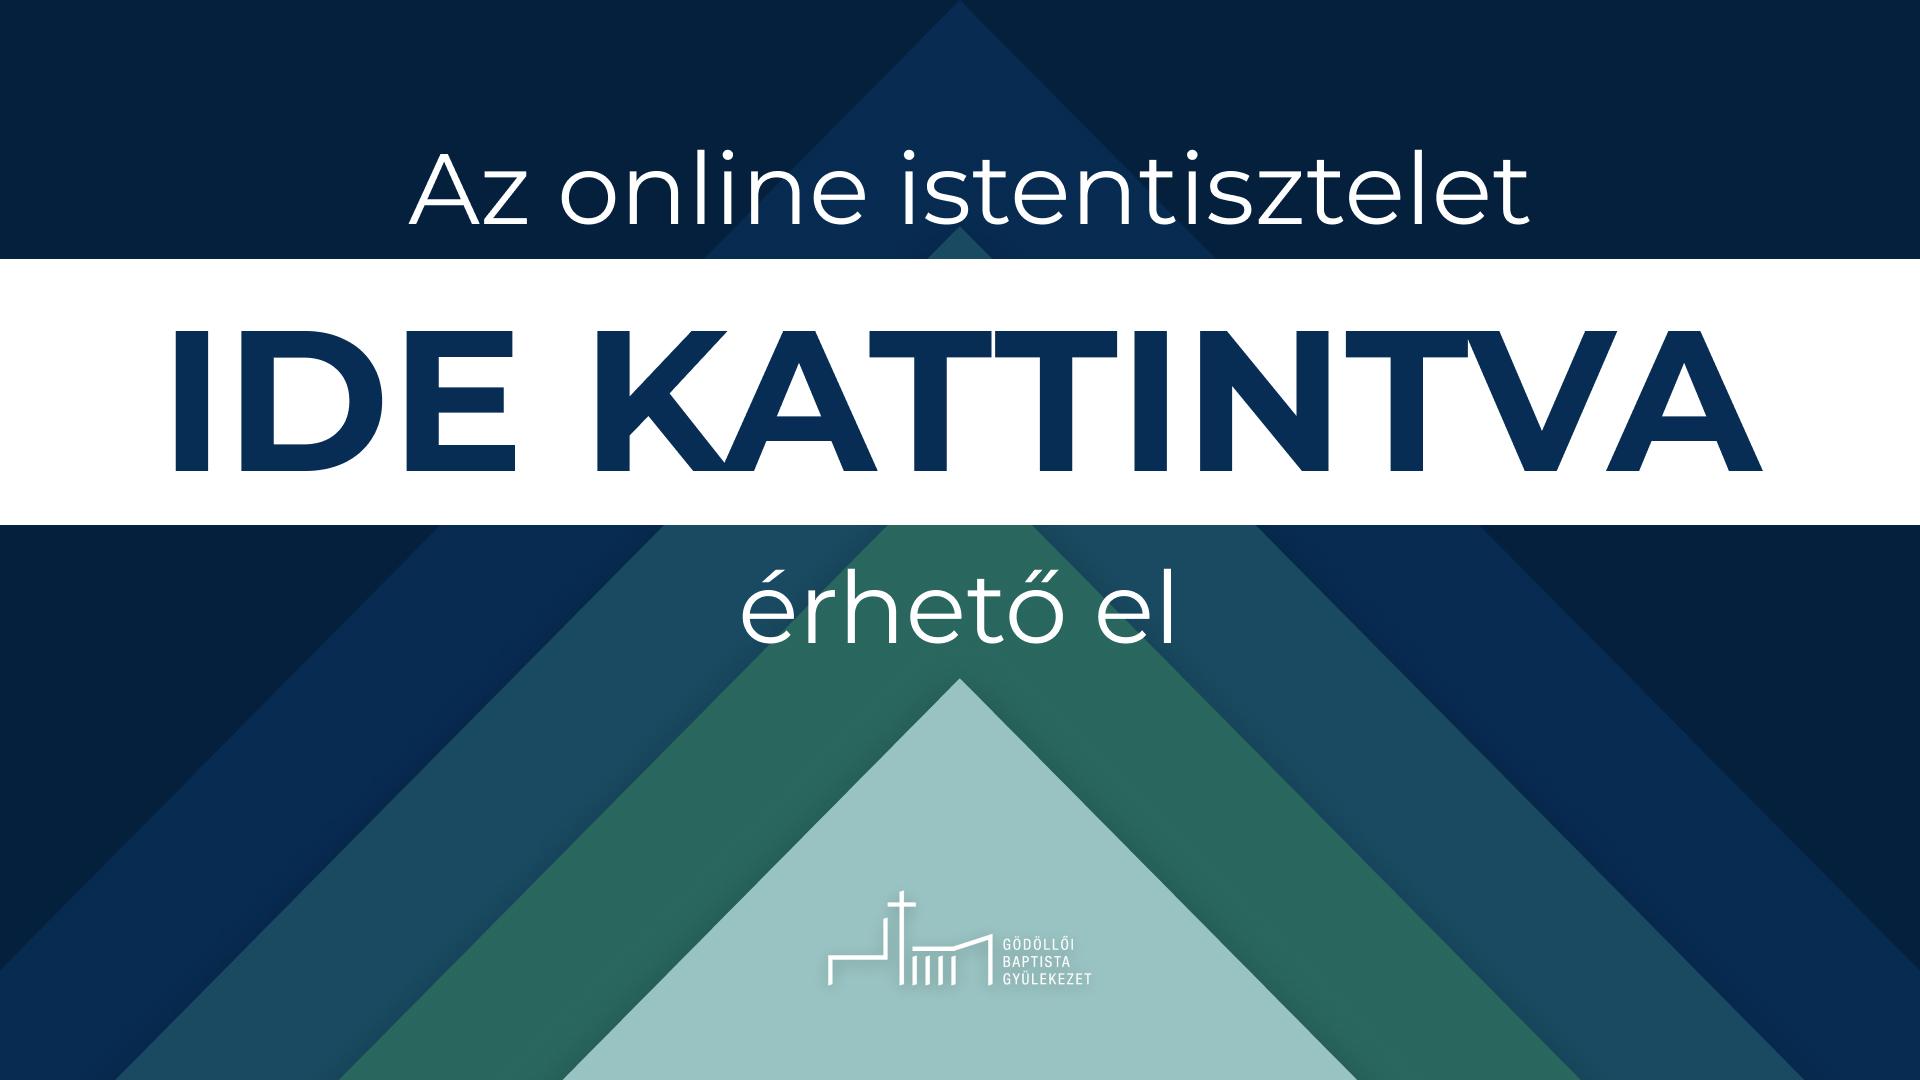 Online istentisztelet elérhetőség